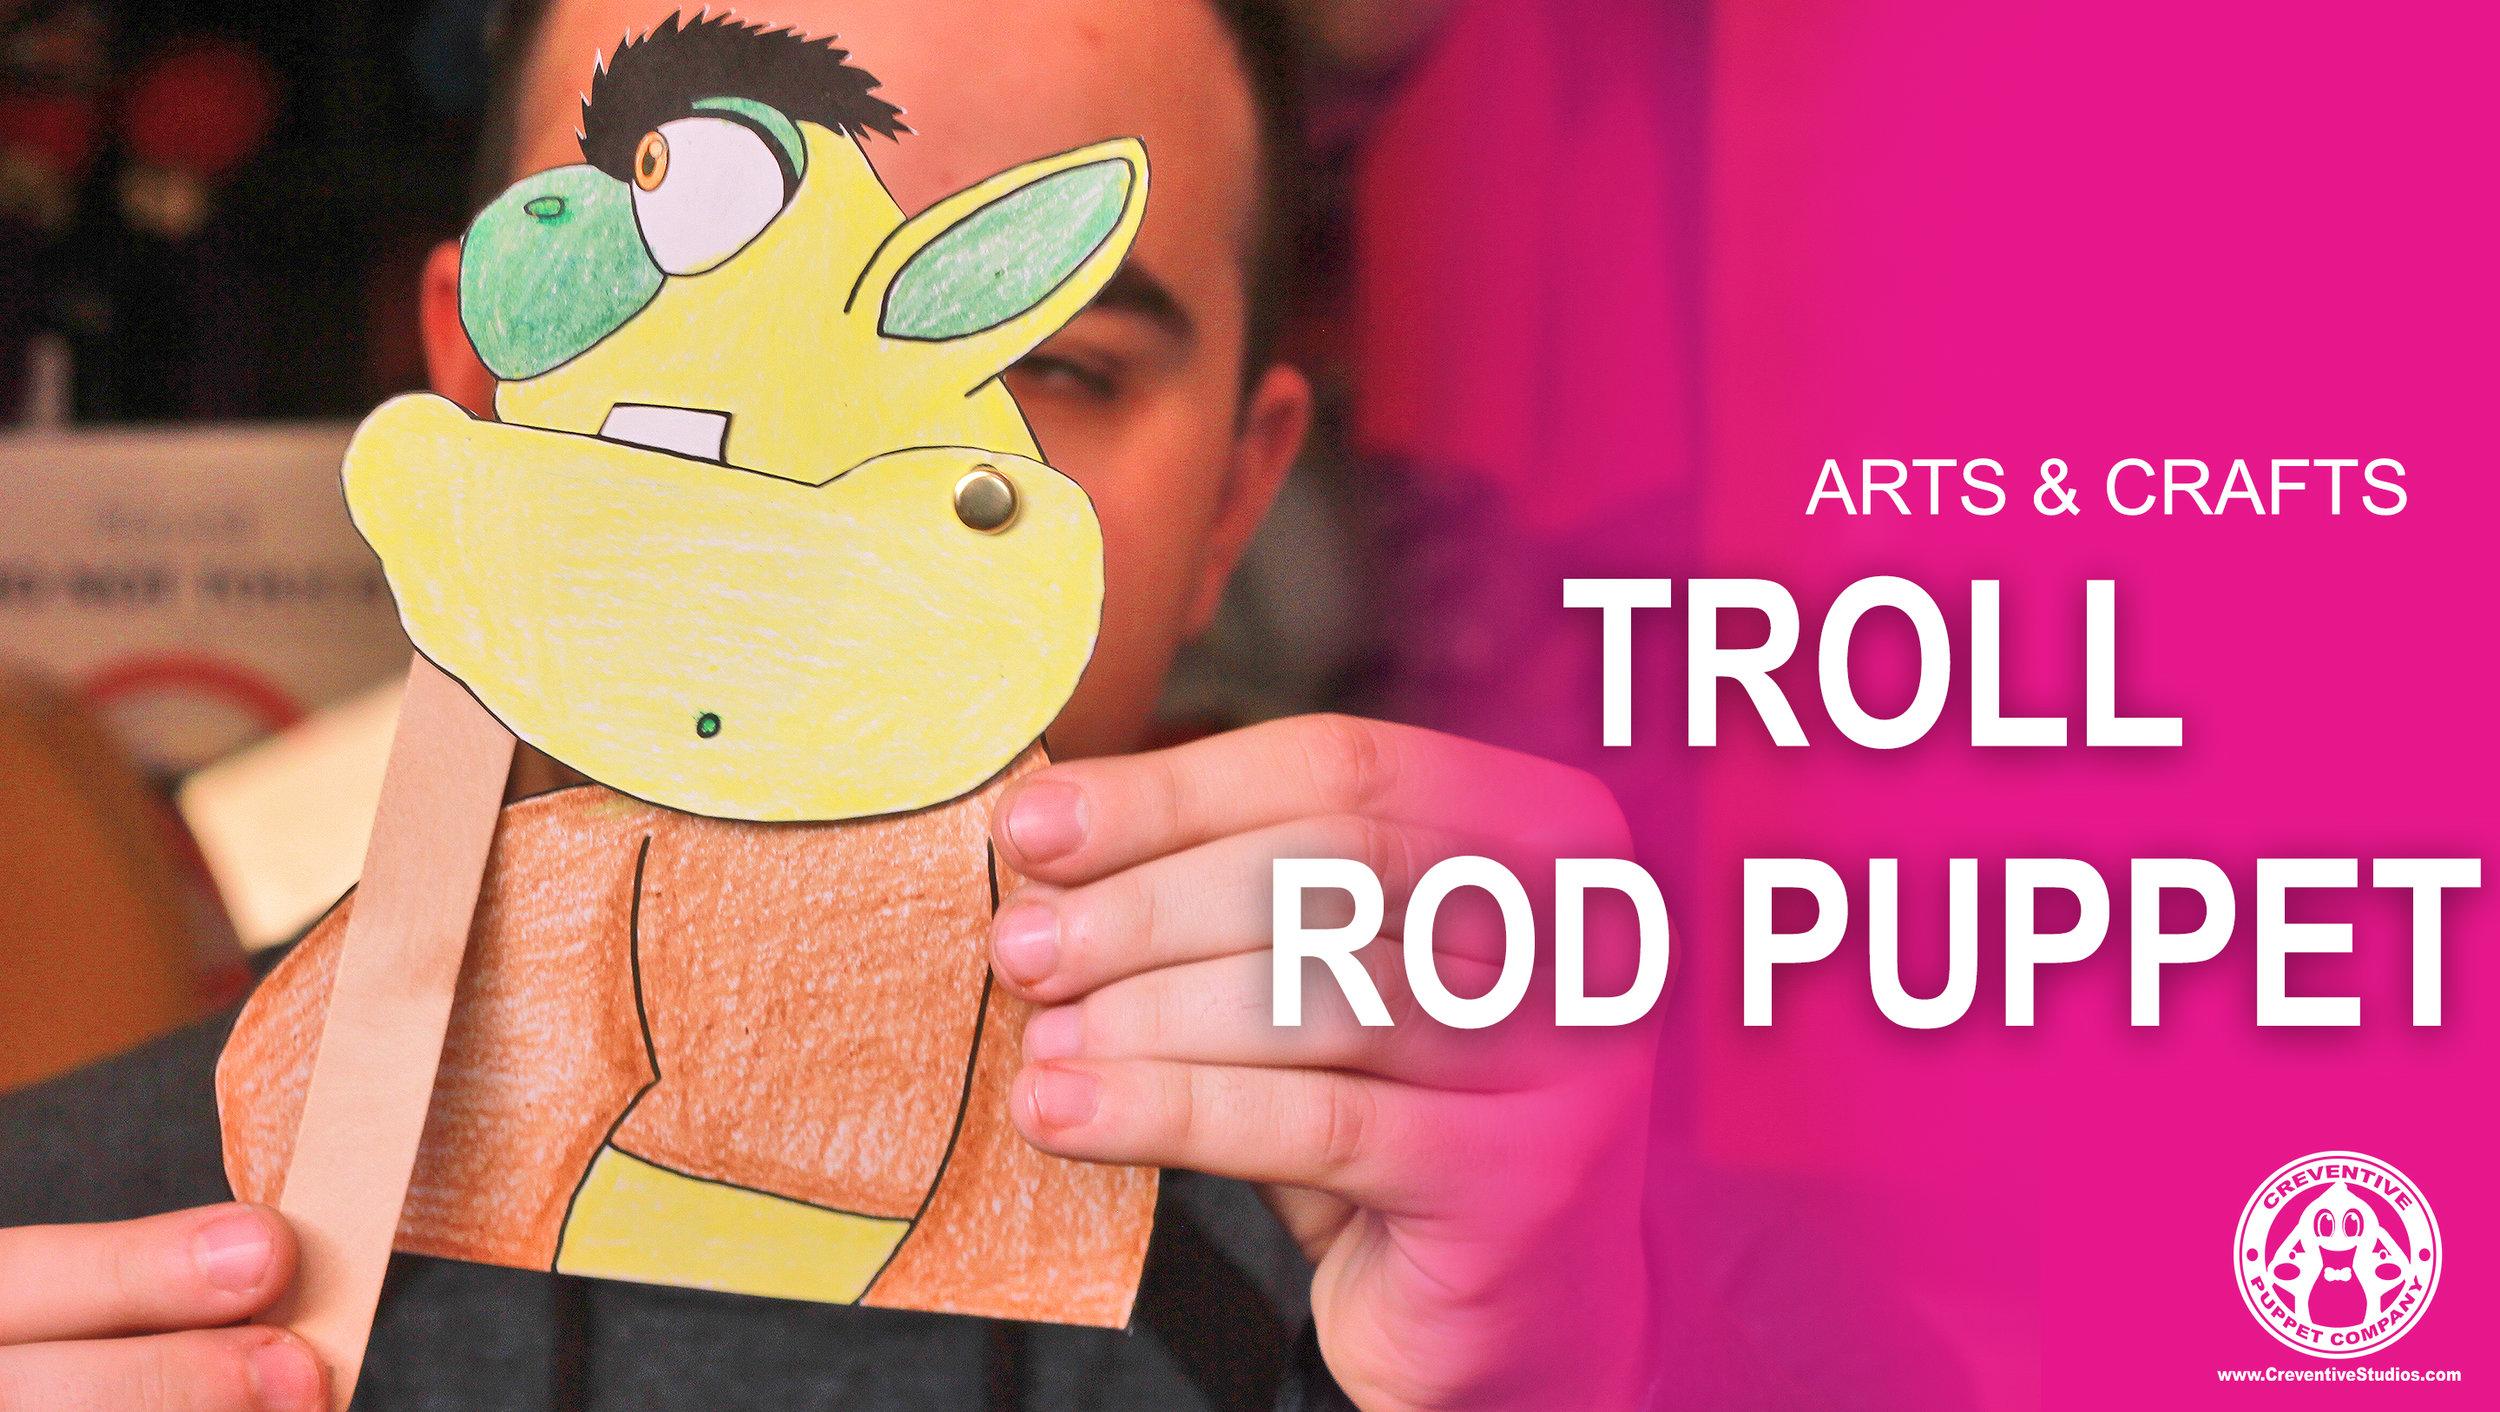 Troll_Rod_Puppet_Craft_Banner.jpg